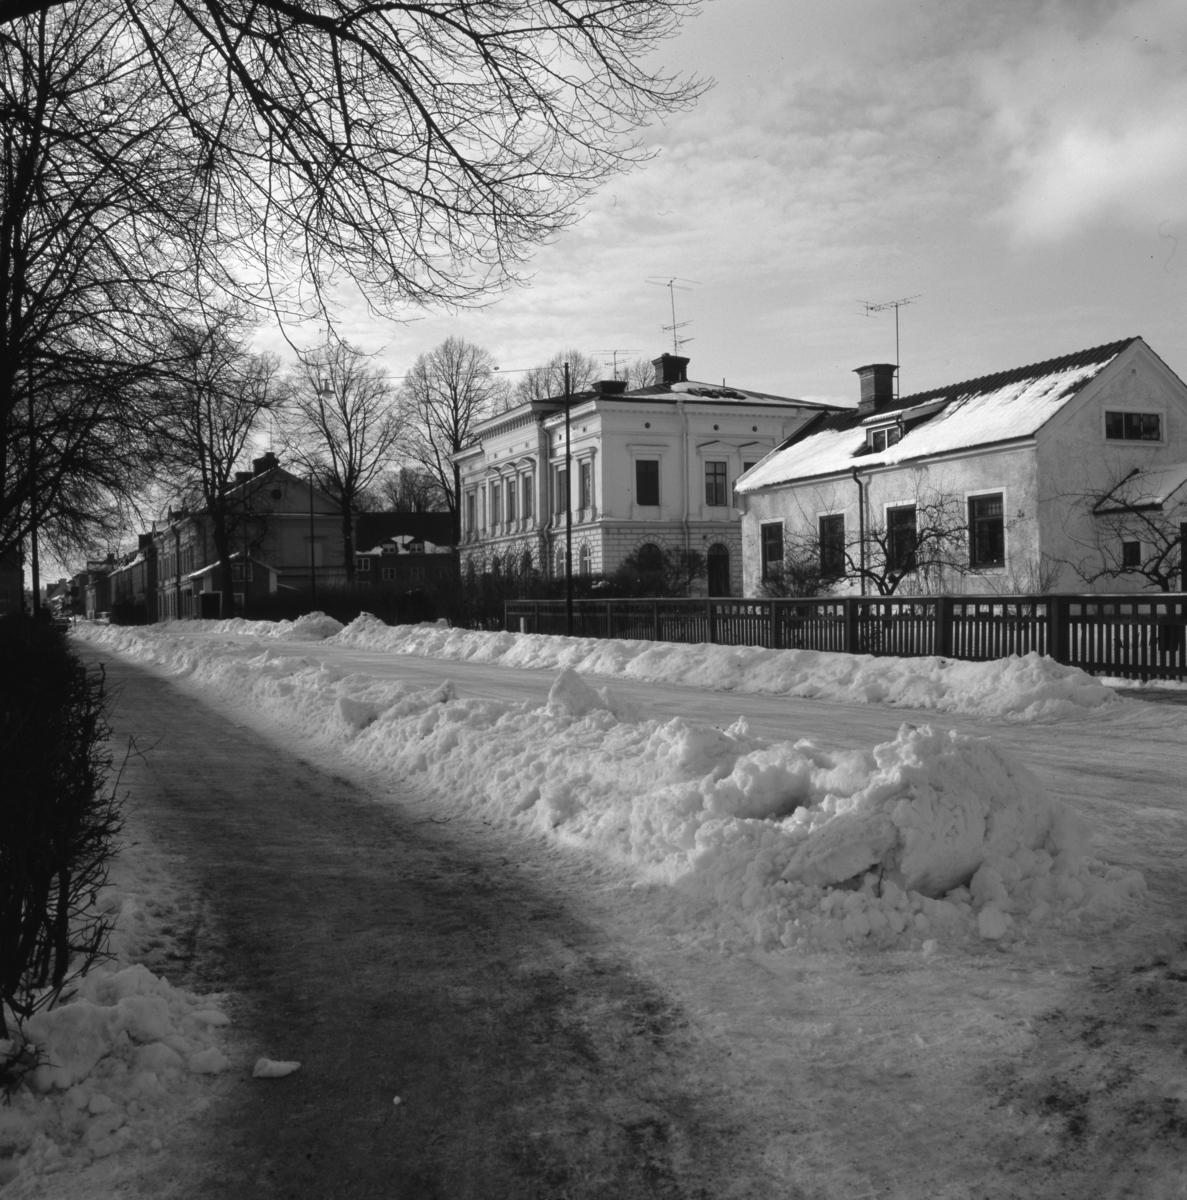 Östra Nygatan. Köpingstullen, Glasbruksvillan och ett hus till. Vinter och snö. Bergmansparken till vänster.